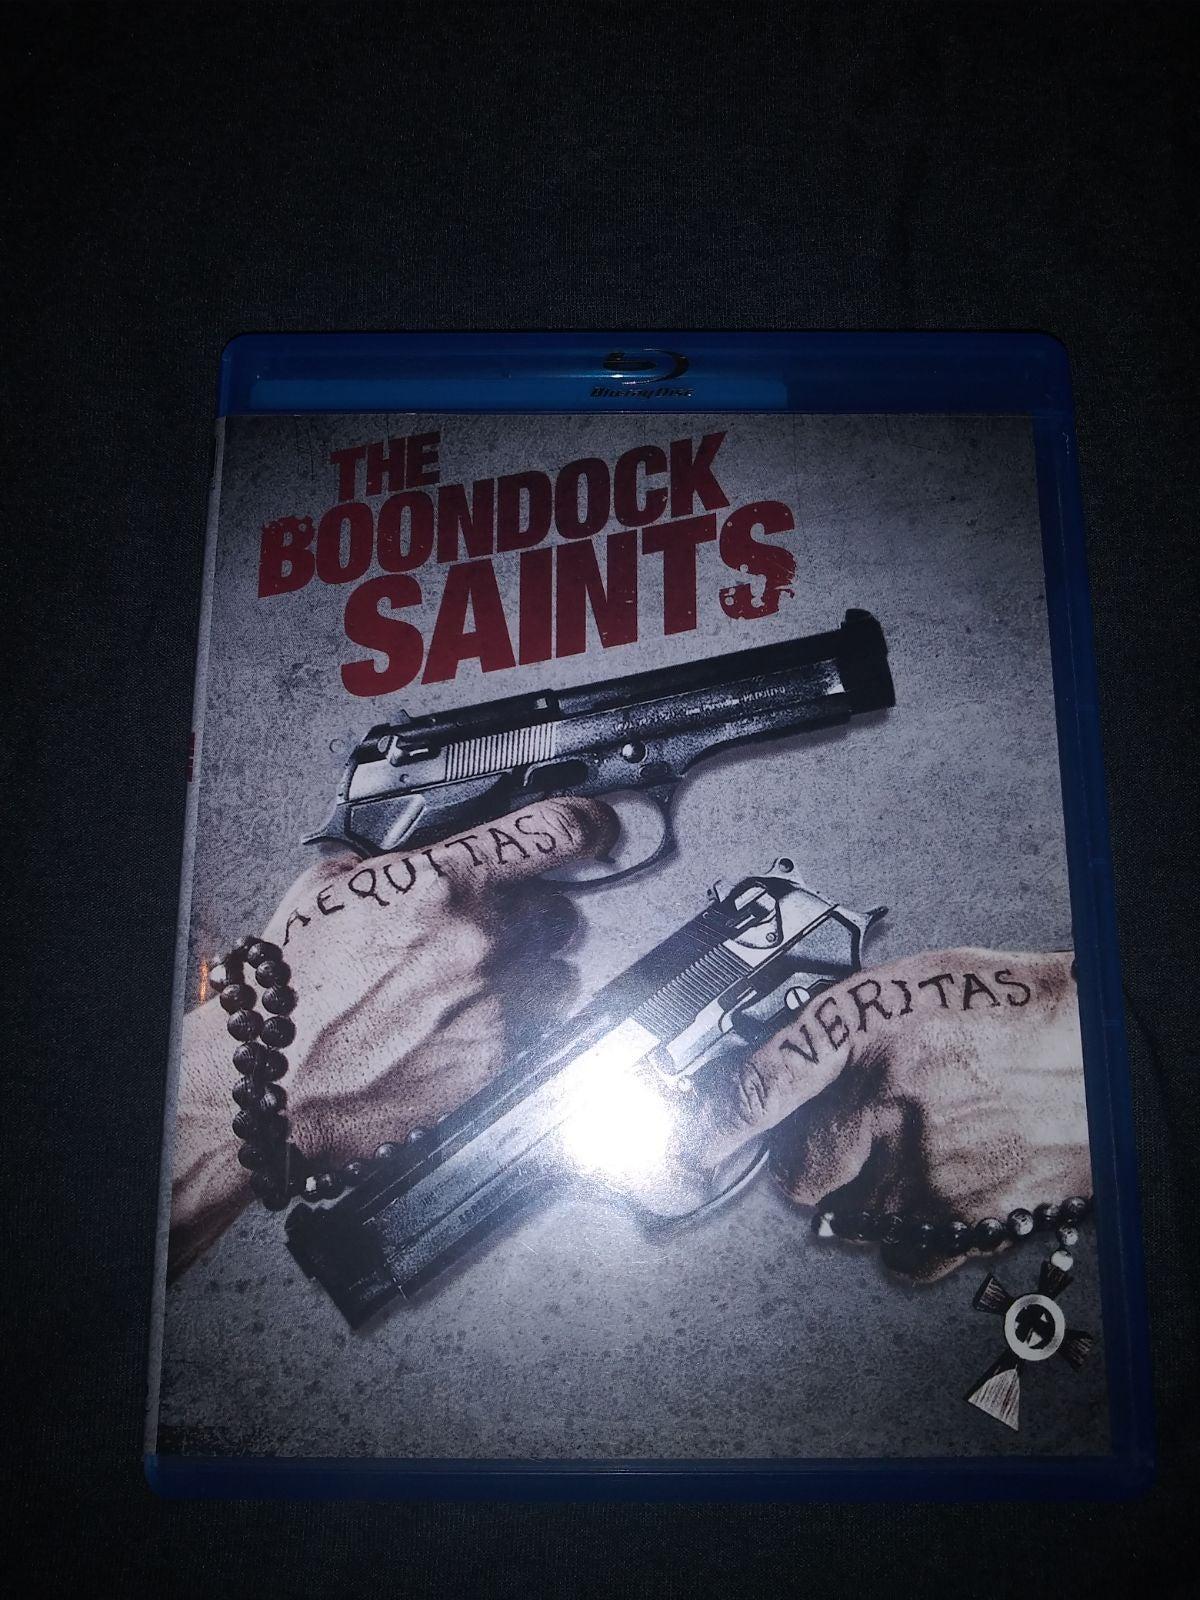 The boondock saints bluray movie